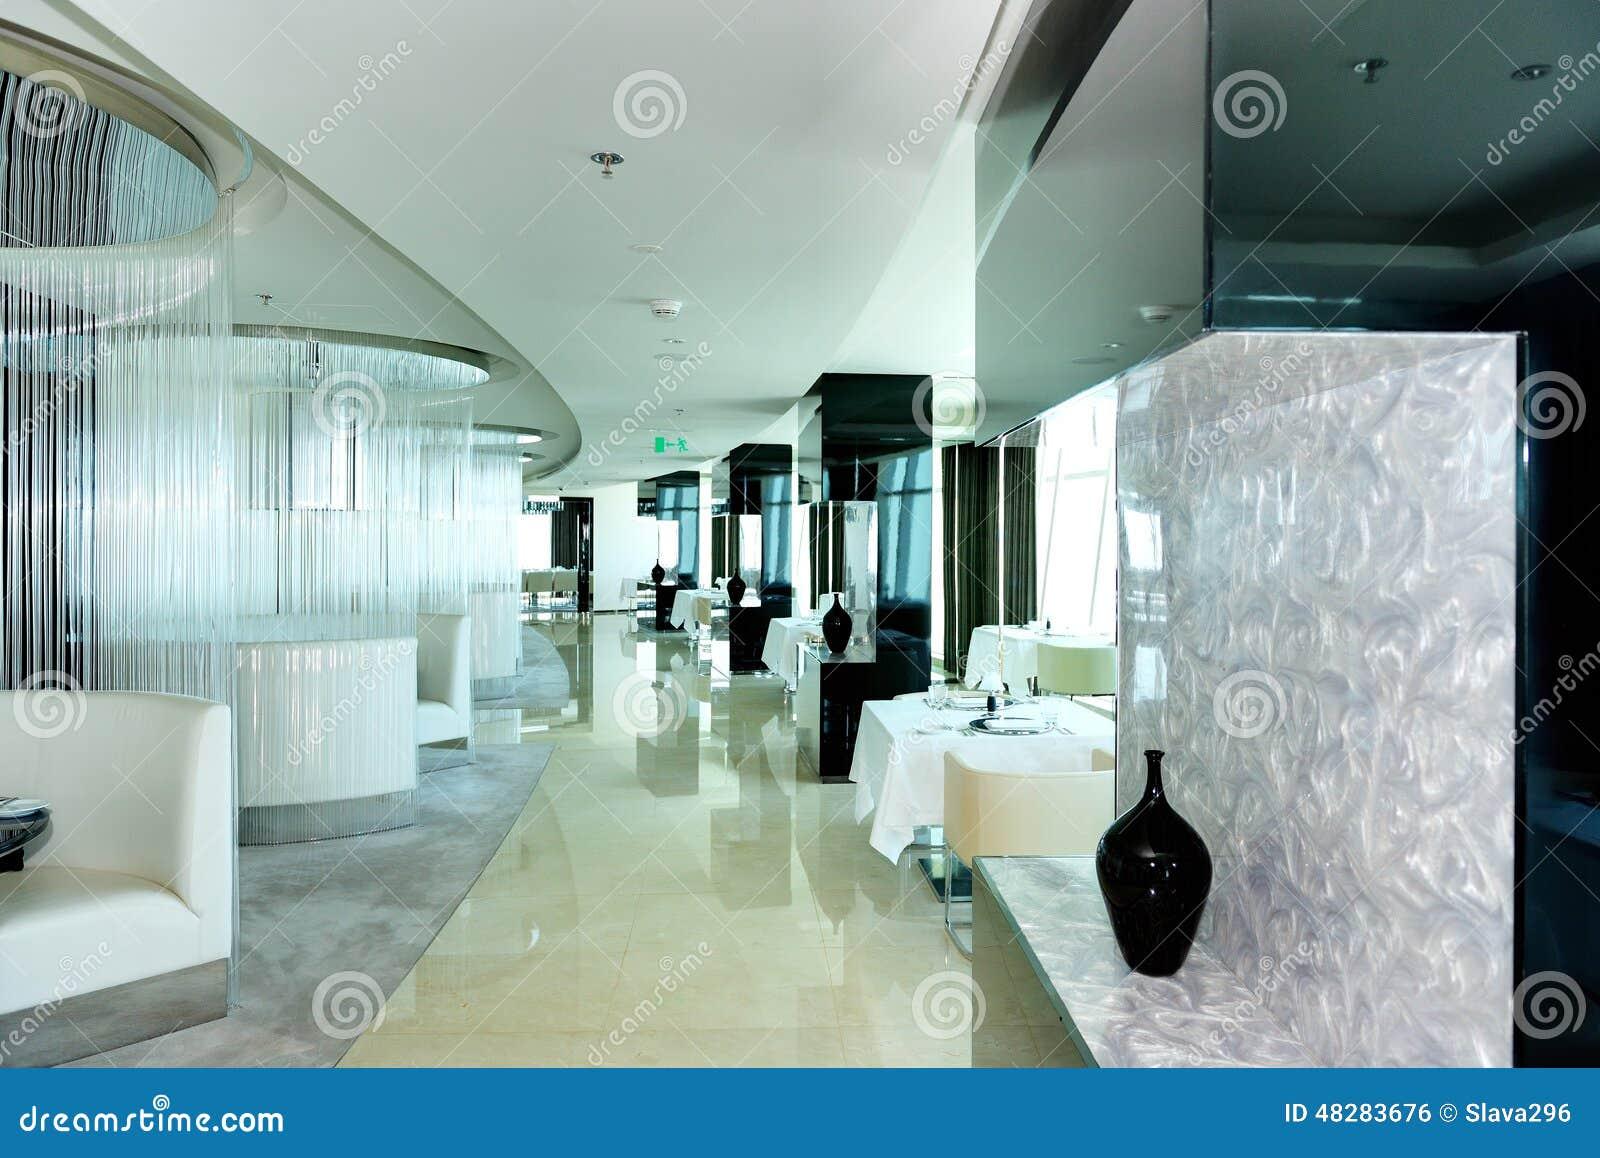 l u0026 39int u00e9rieur du restaurant de l u0026 39h u00f4tel de luxe moderne photo stock